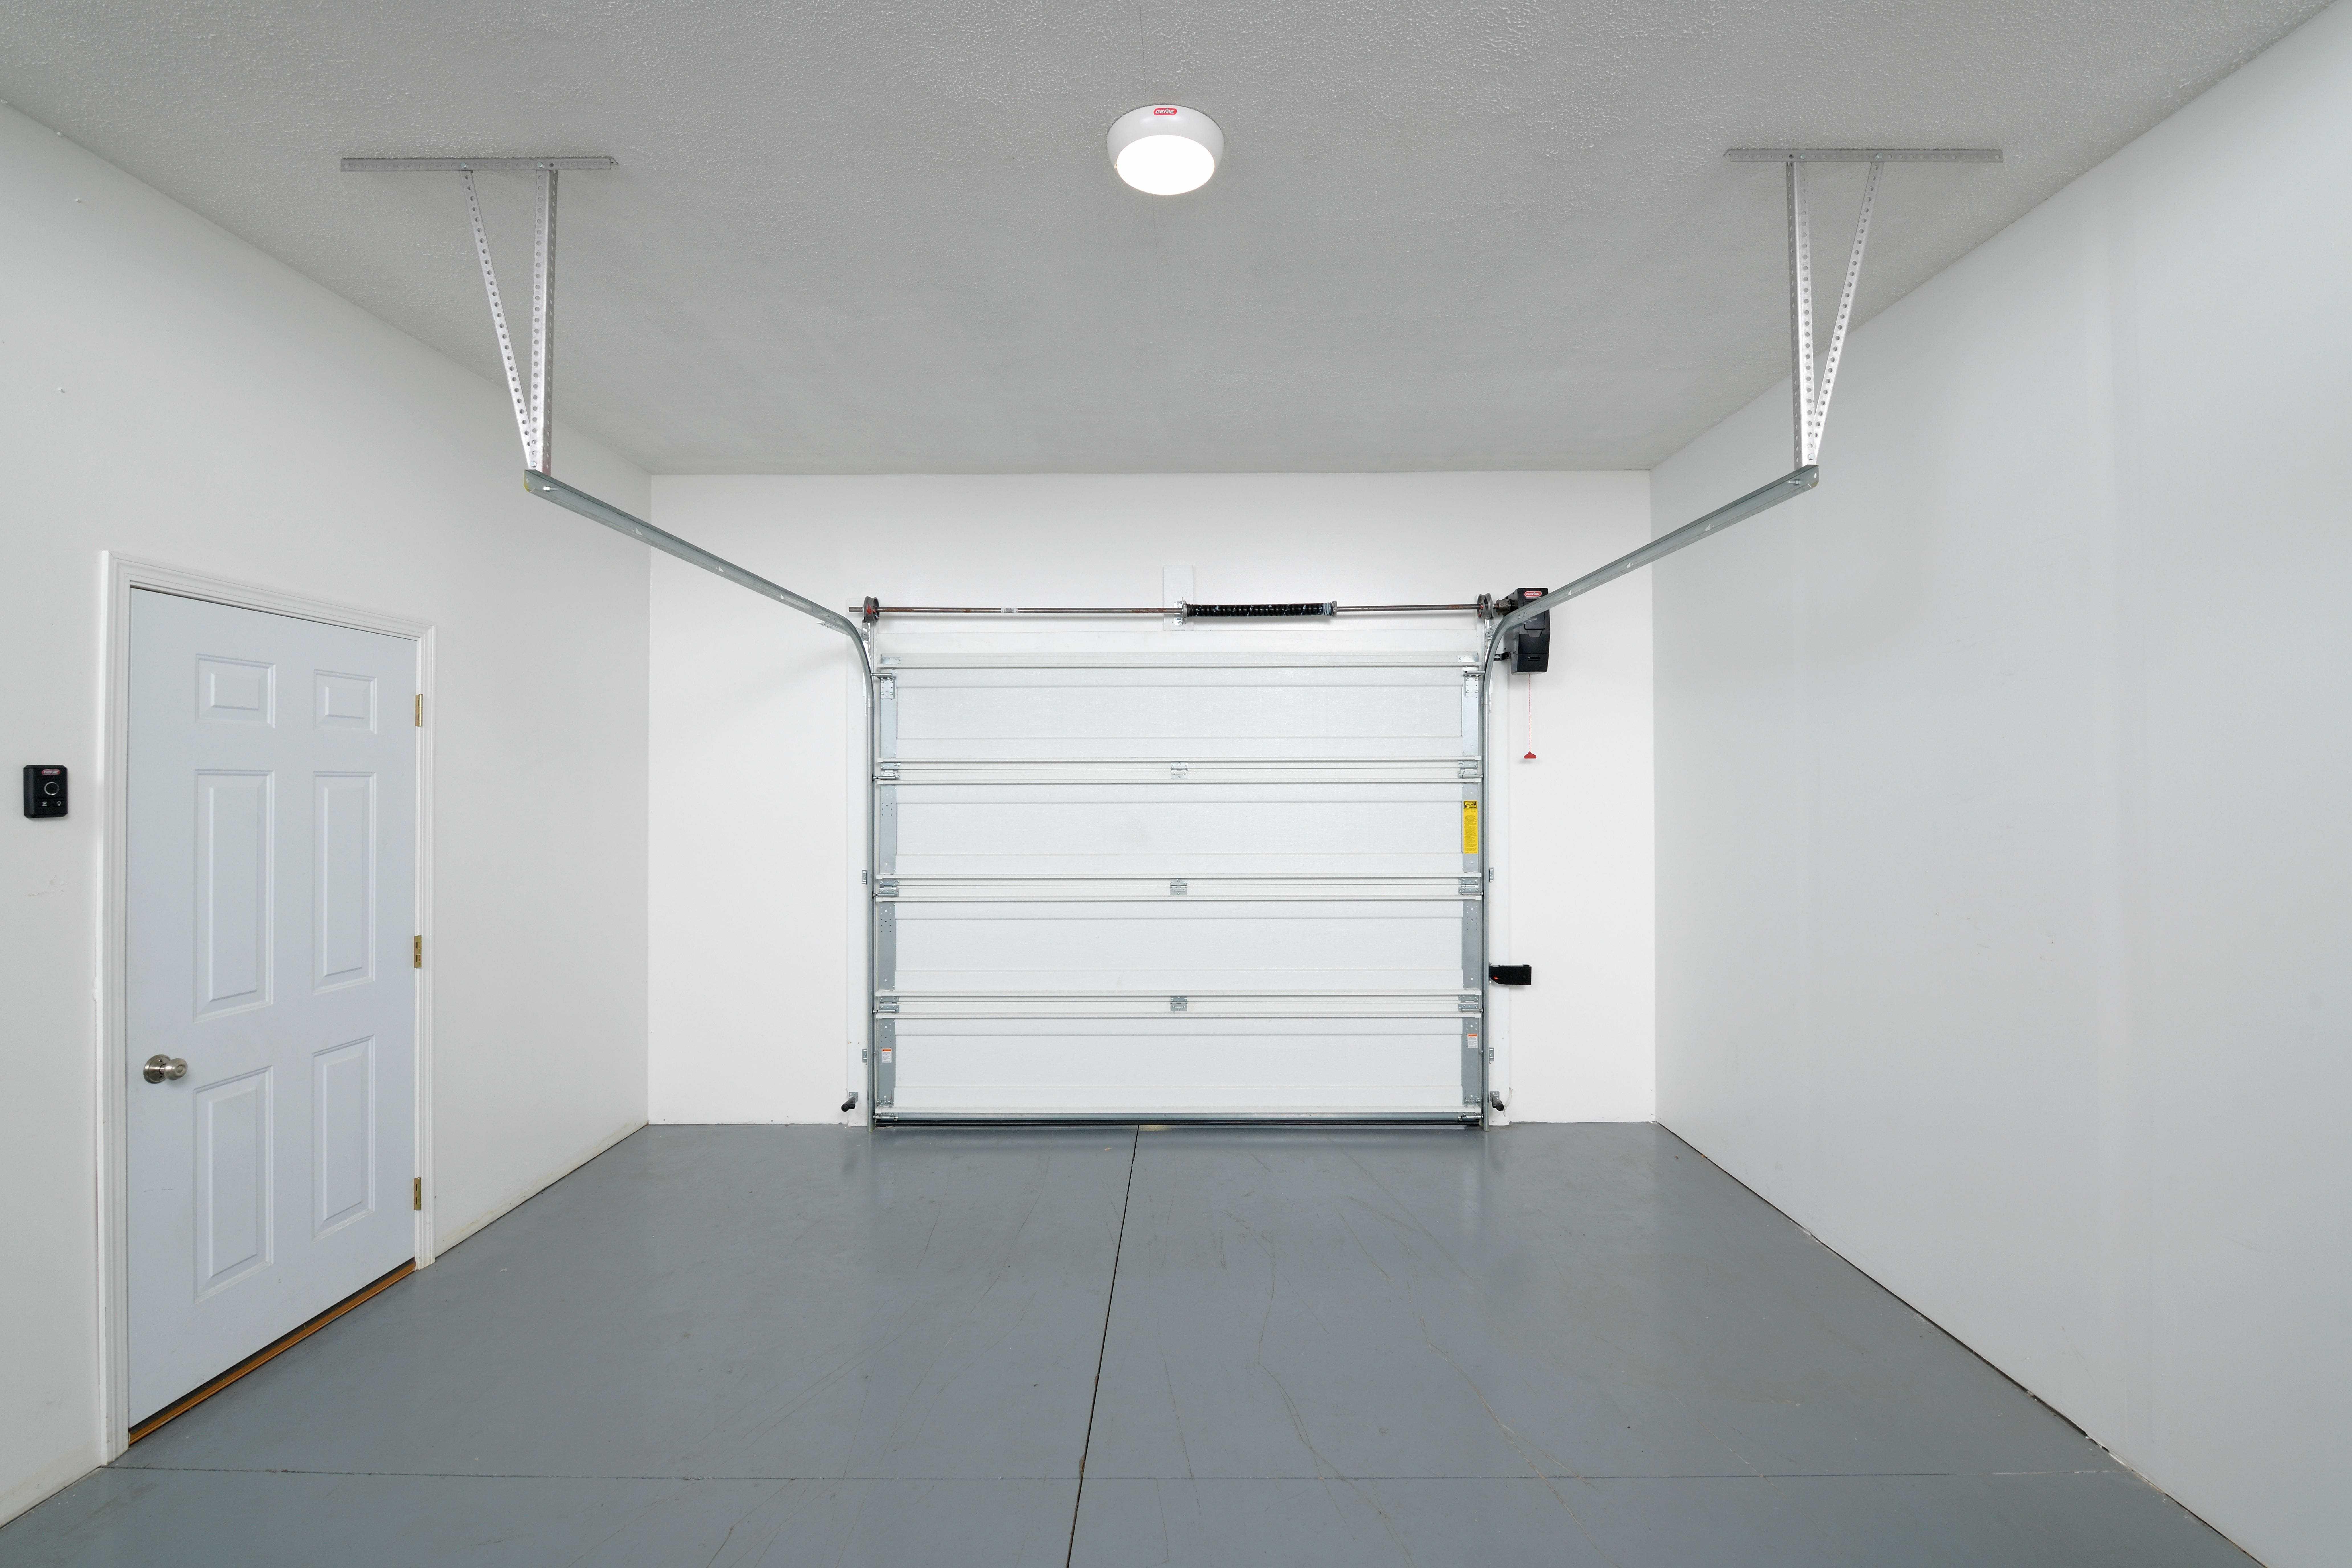 interior-garage-genie-min_210212_090220.jpeg?mtime=20210212090220#asset:22278